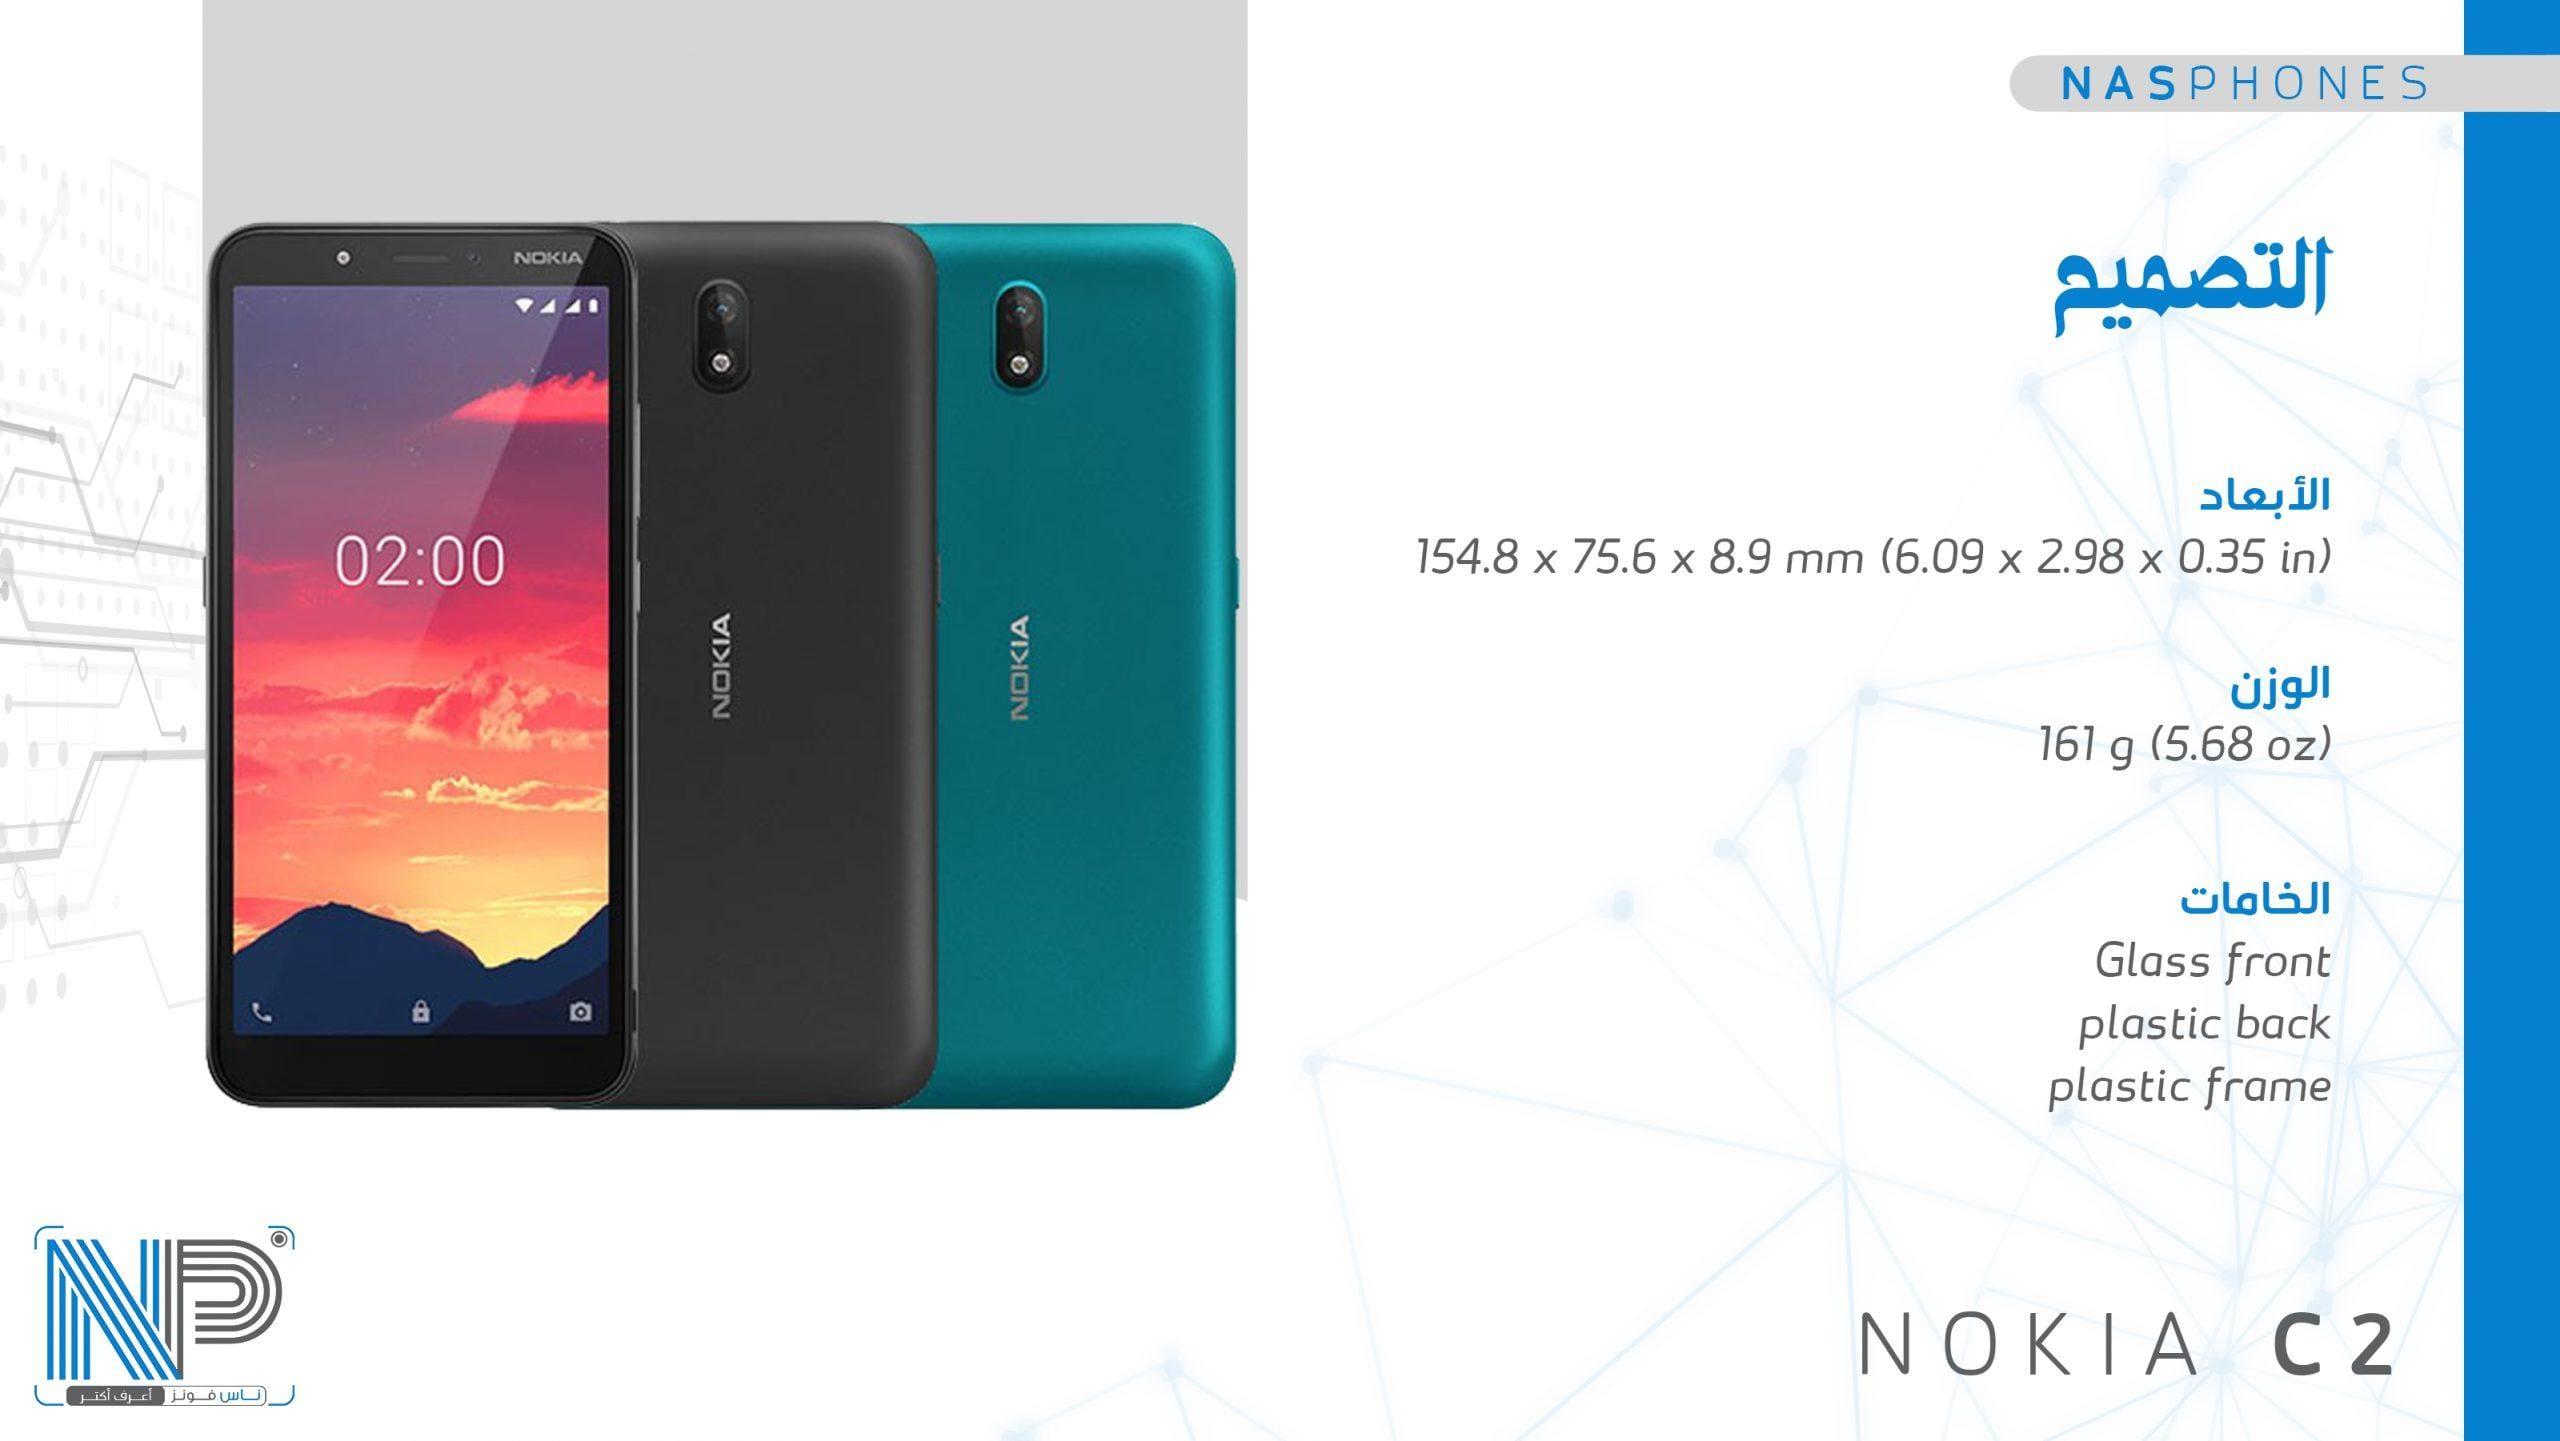 تصميم موبايل Nokia C2